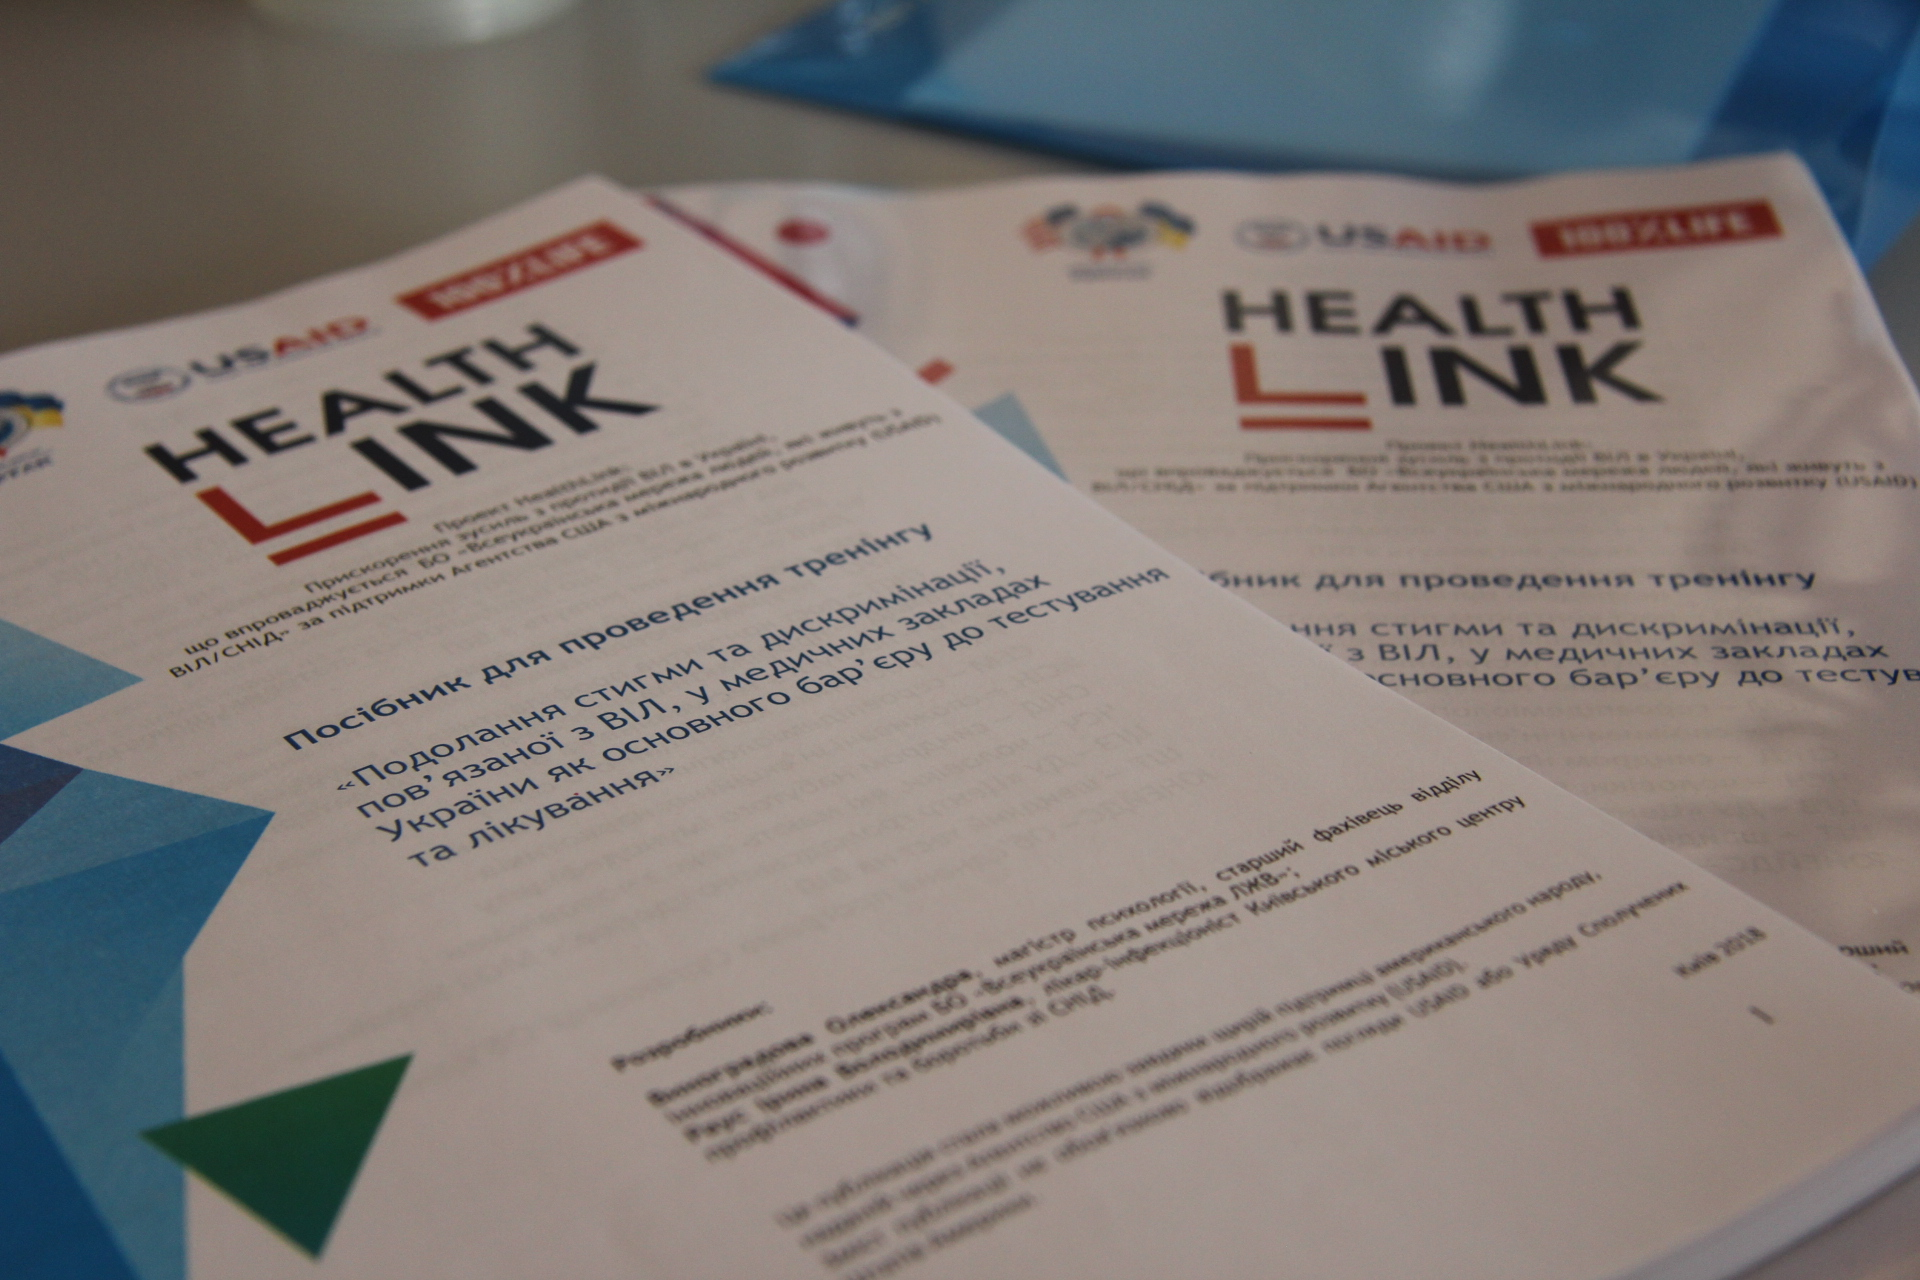 Проект HealhLink готує лікарів-лідерів в регіонах